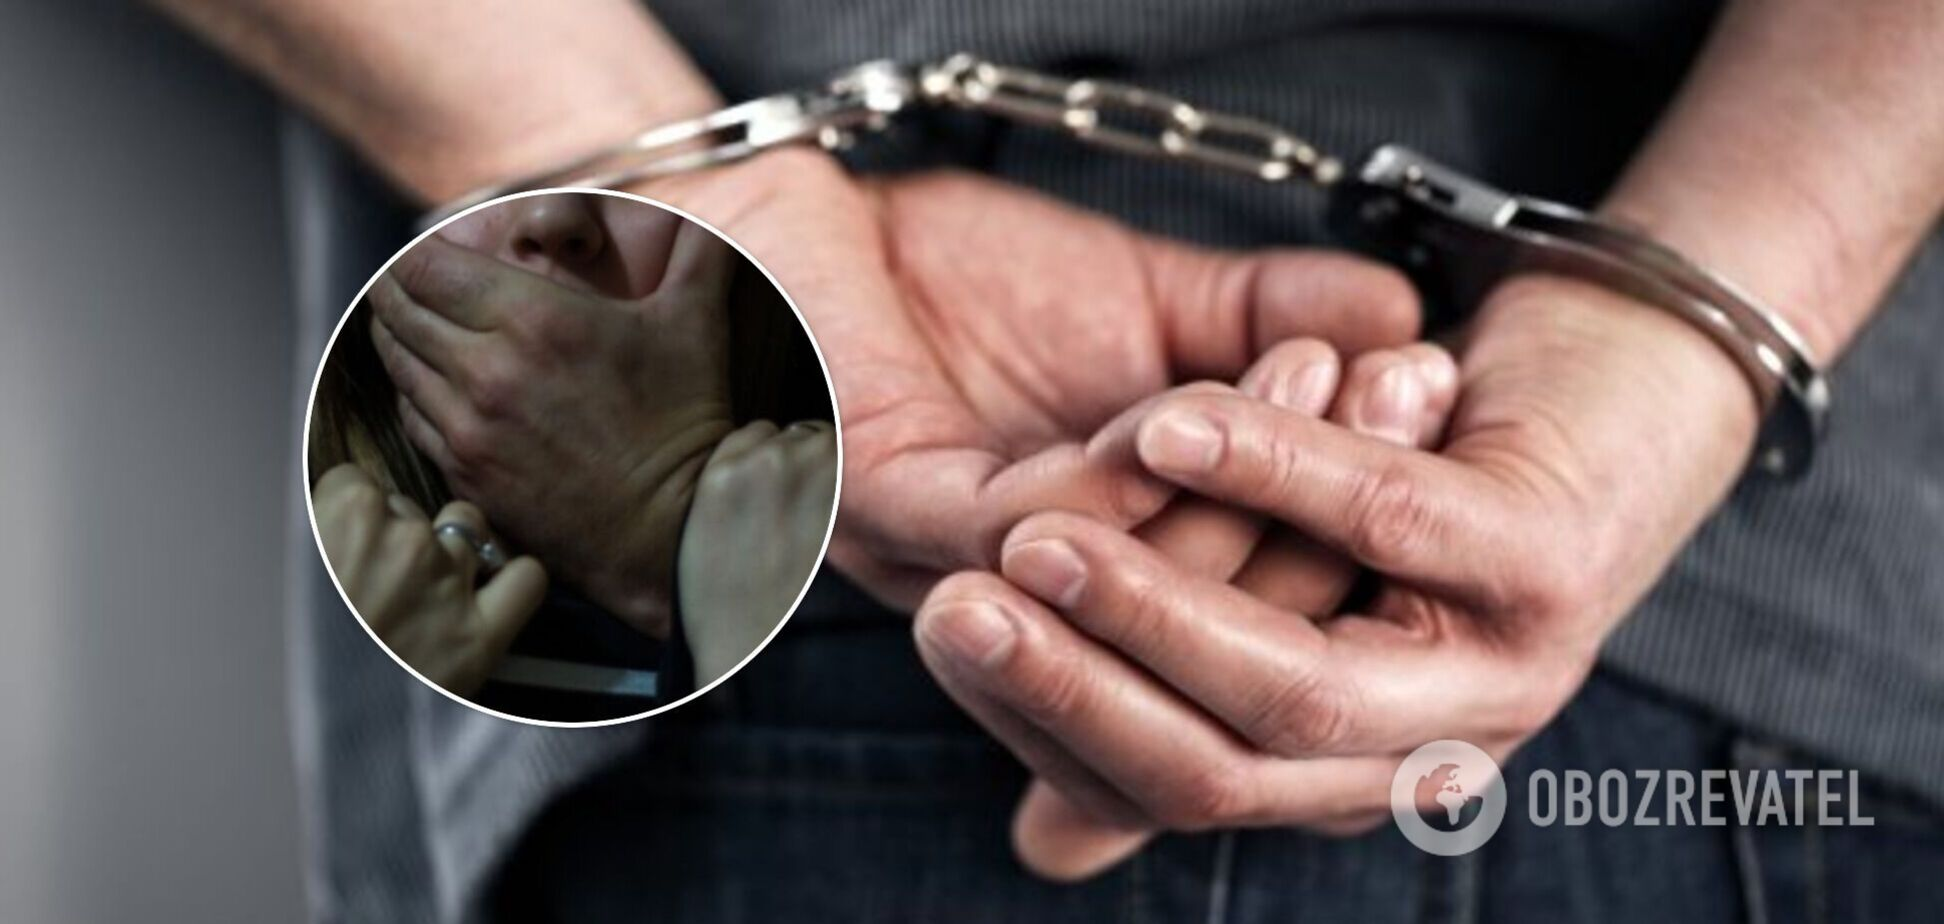 В Сумах студенты изнасиловали девушку